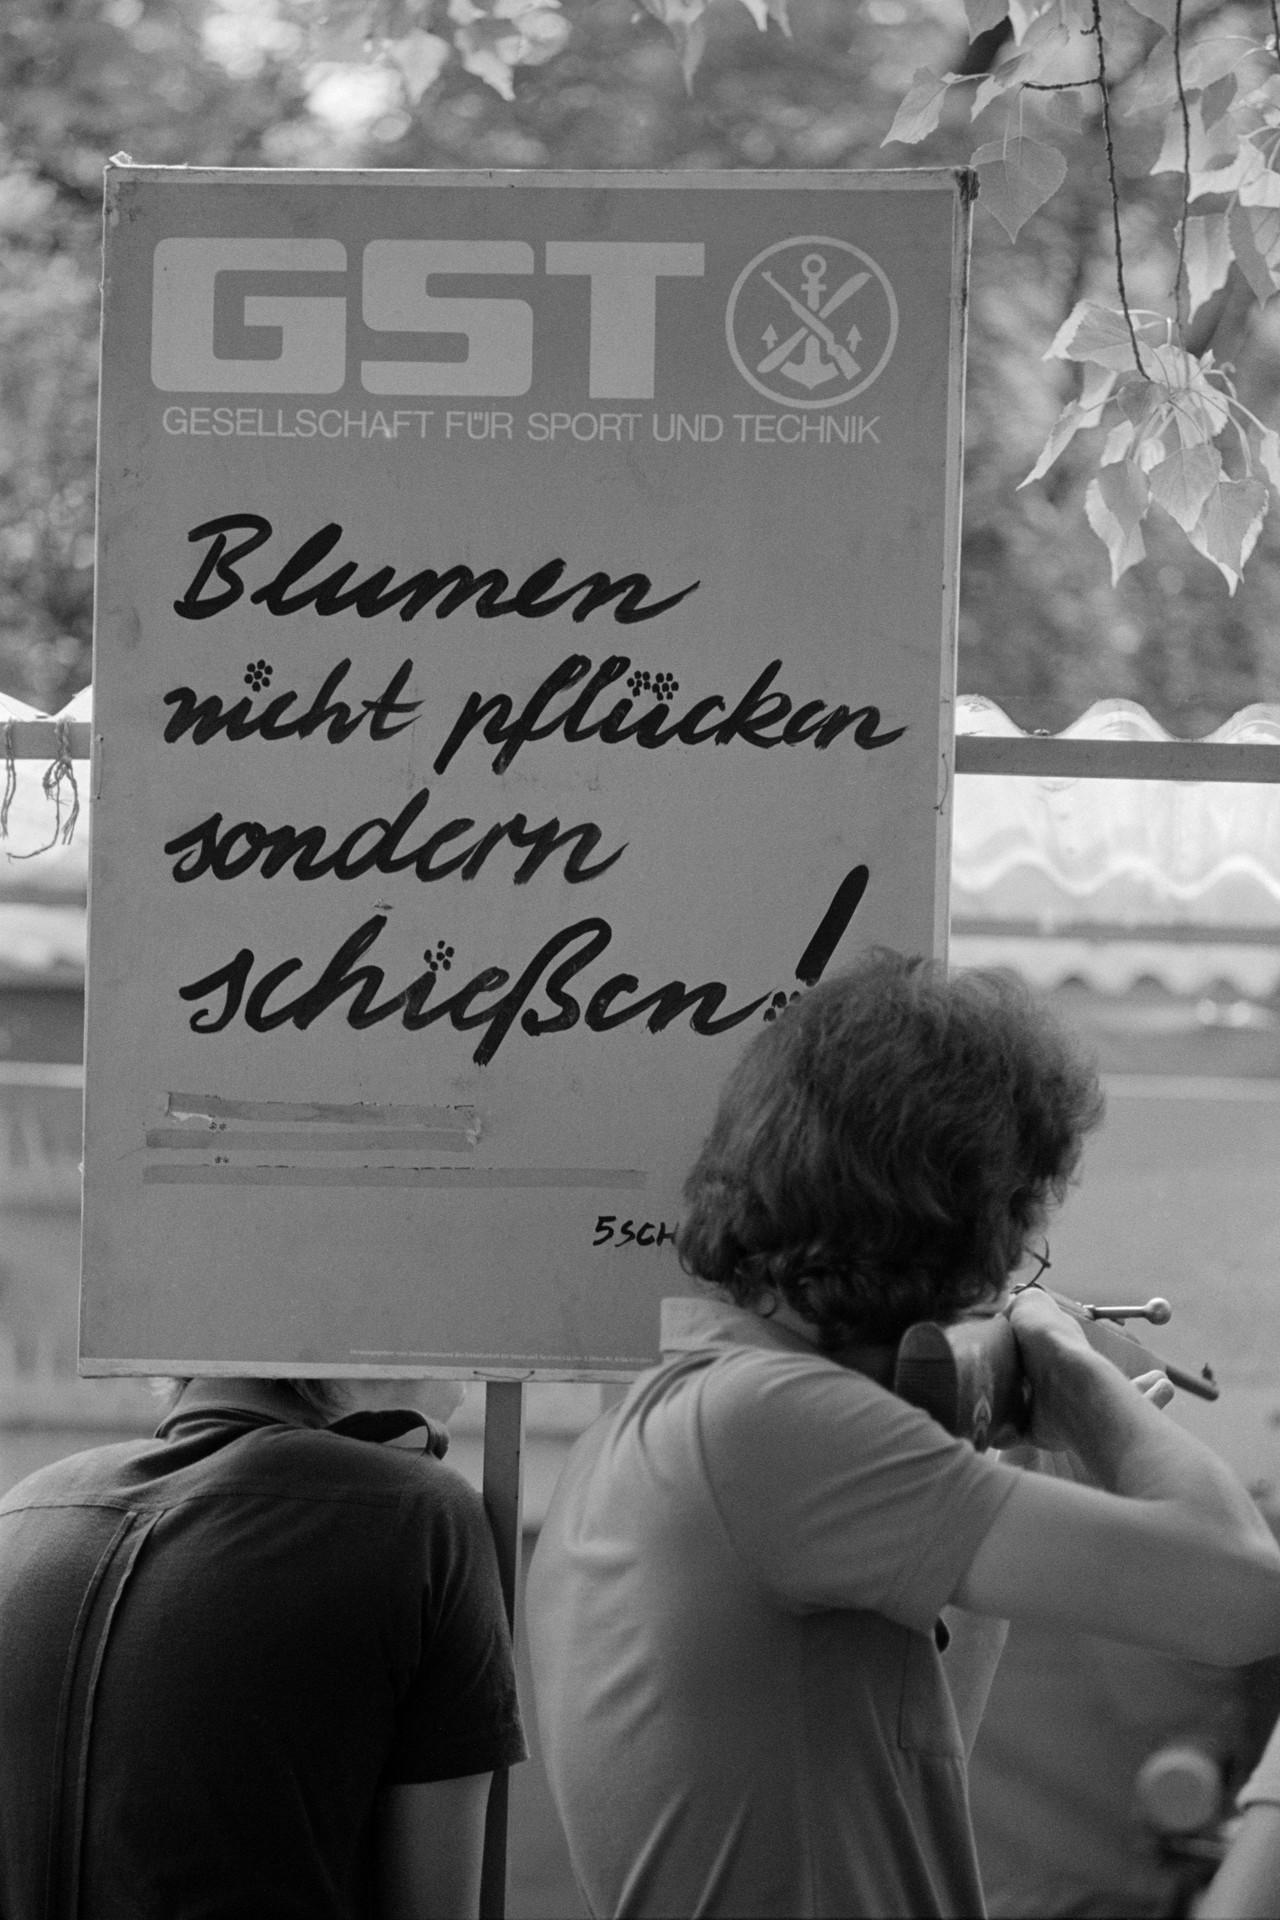 GST - Gesellschaft für Sport und Technik